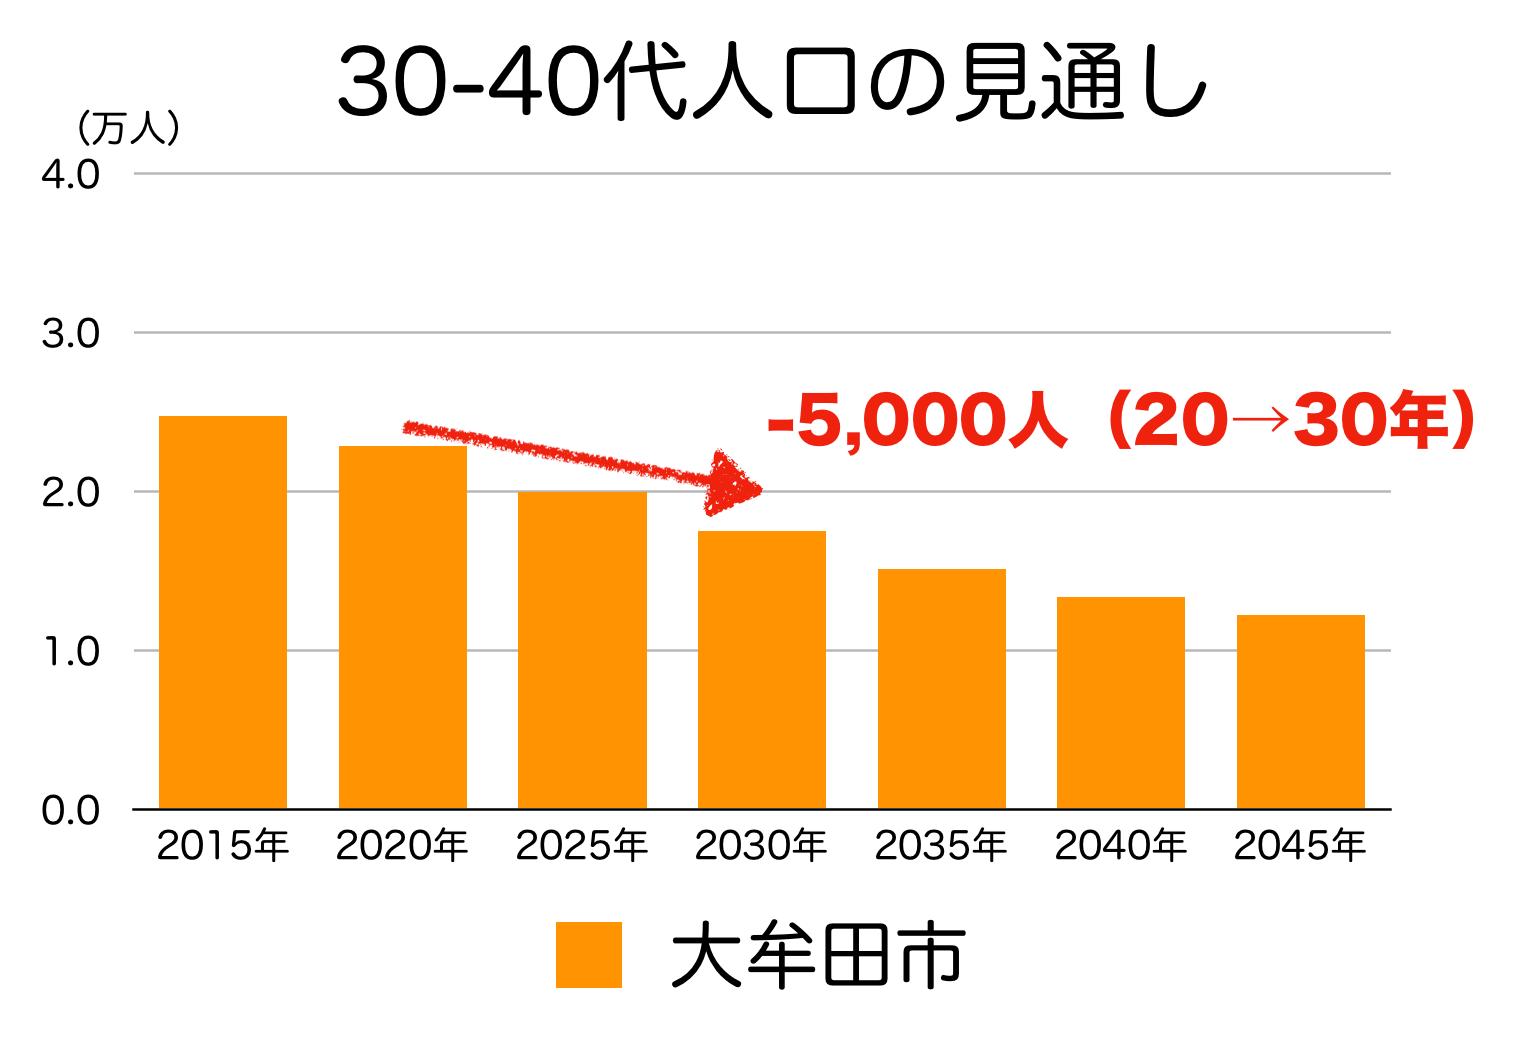 大牟田市の30〜40代人口の予測